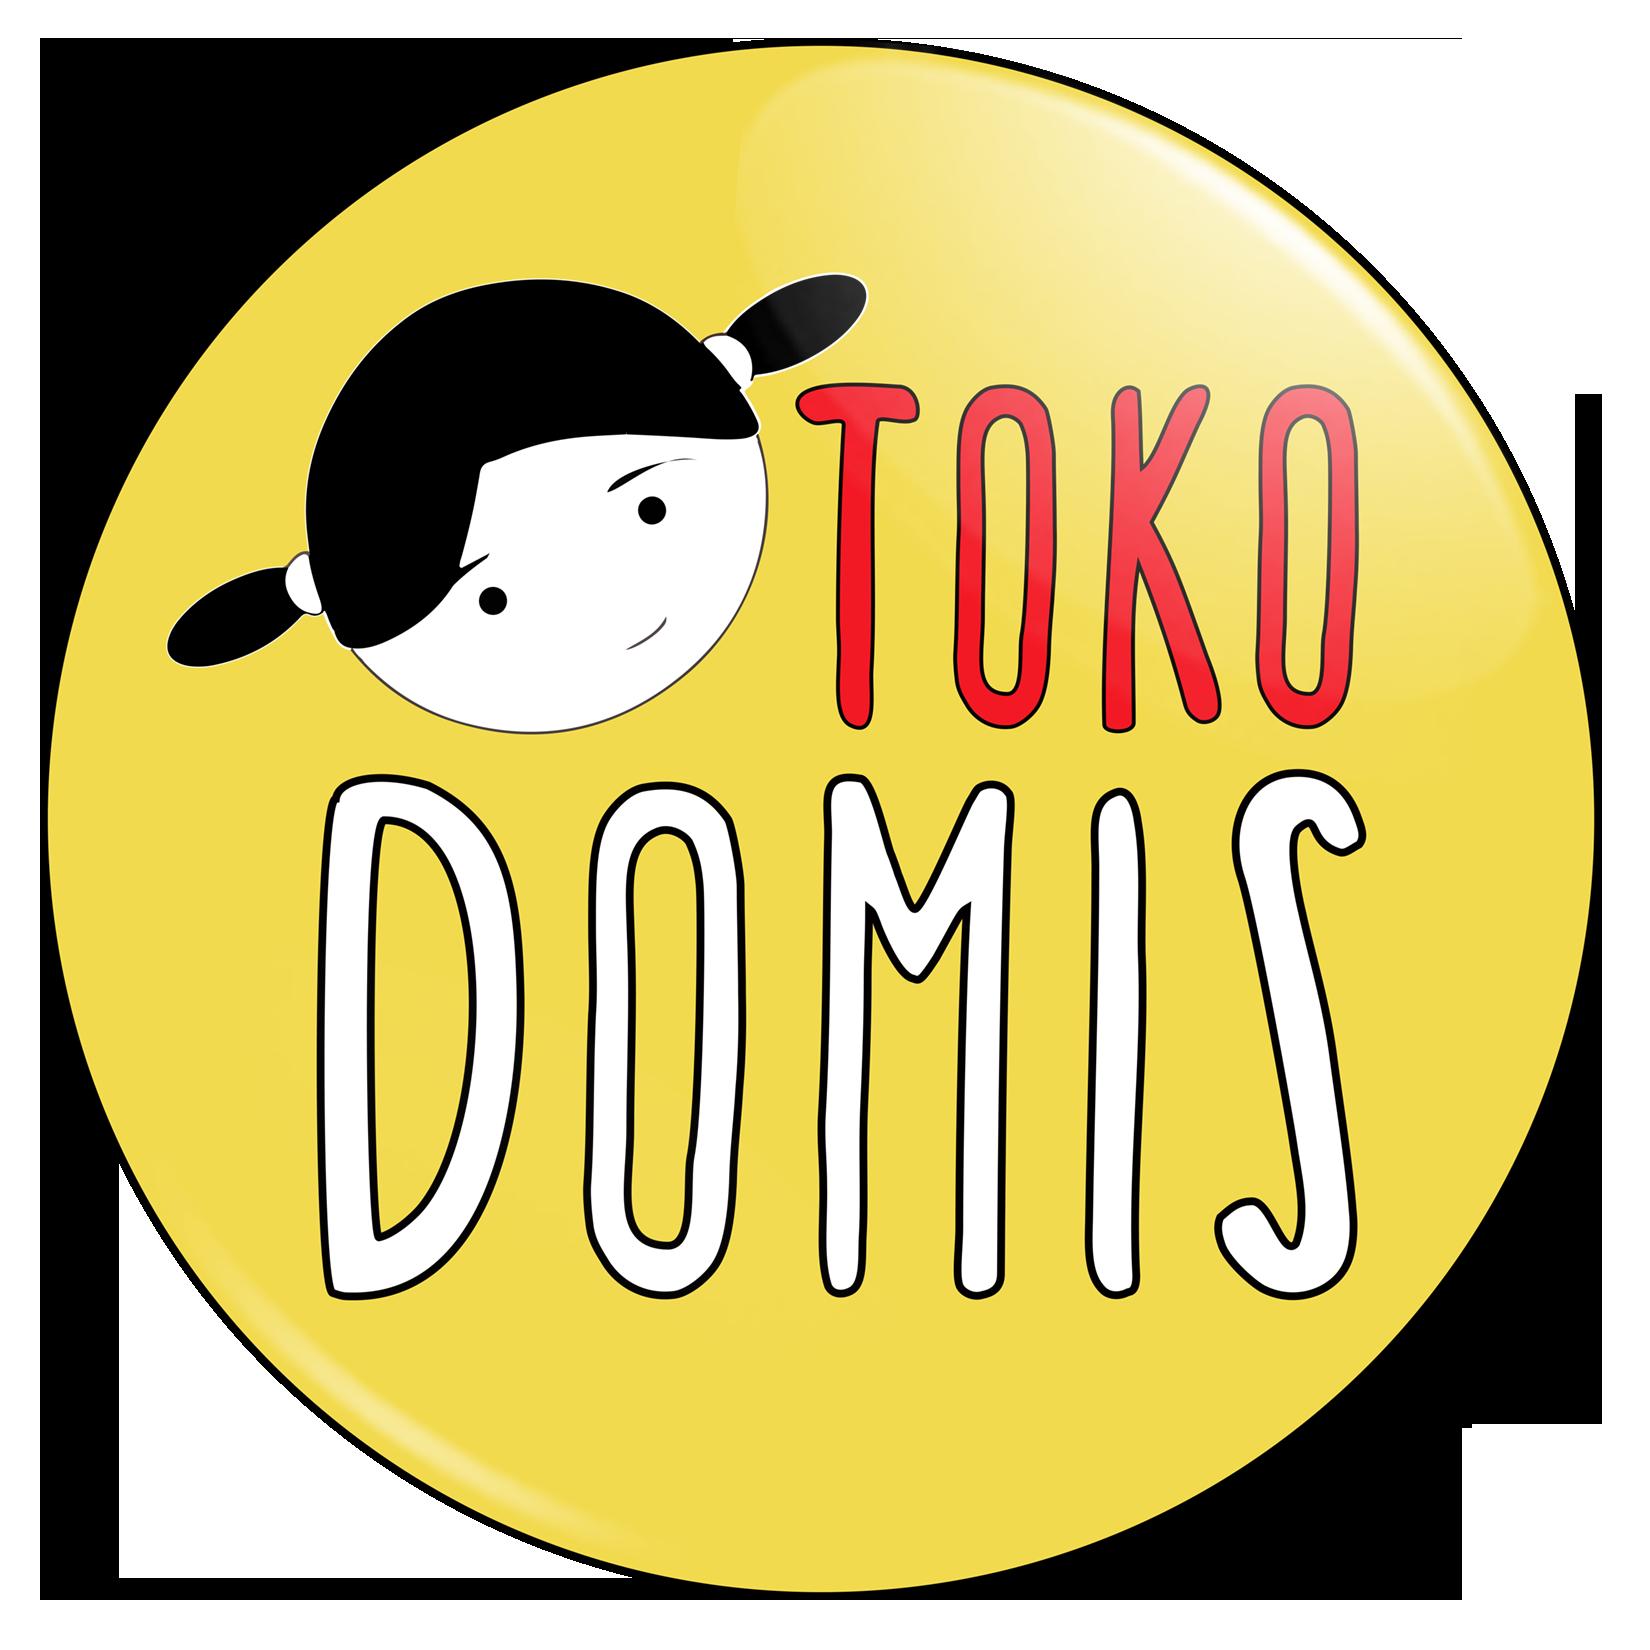 Toko Domis